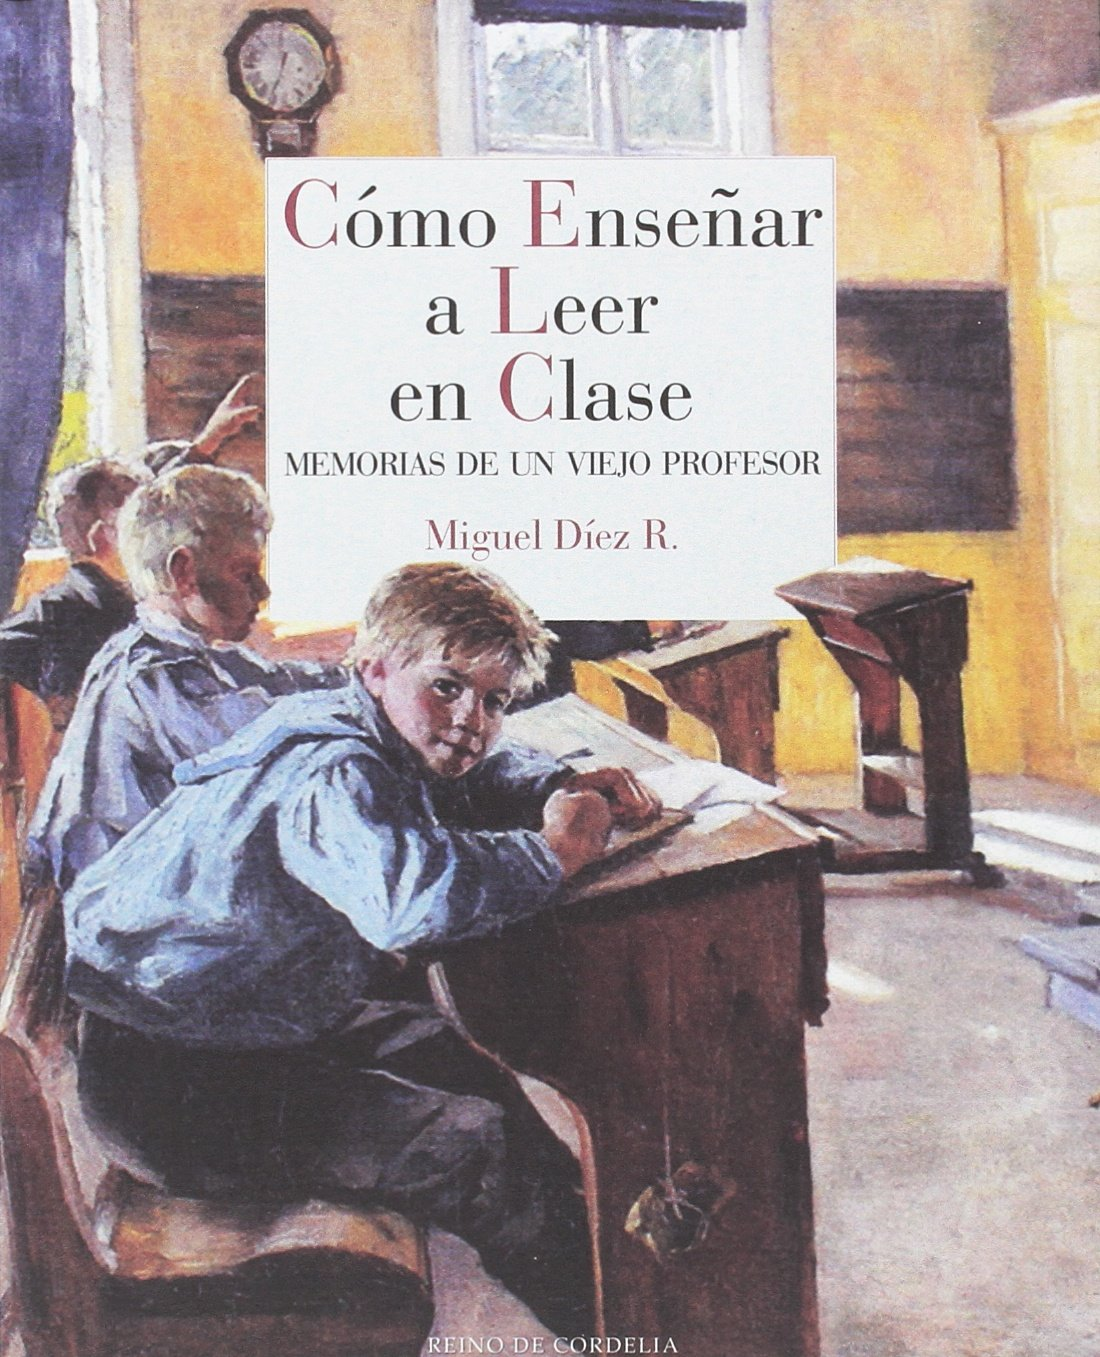 Cómo enseñar a leer en clase (Reino de Cordelia) Tapa blanda – 18 sep 2017 Miguel Díez [Rodríguez] REINO DE CORDELIA S.L. 8416968144 Literary essays